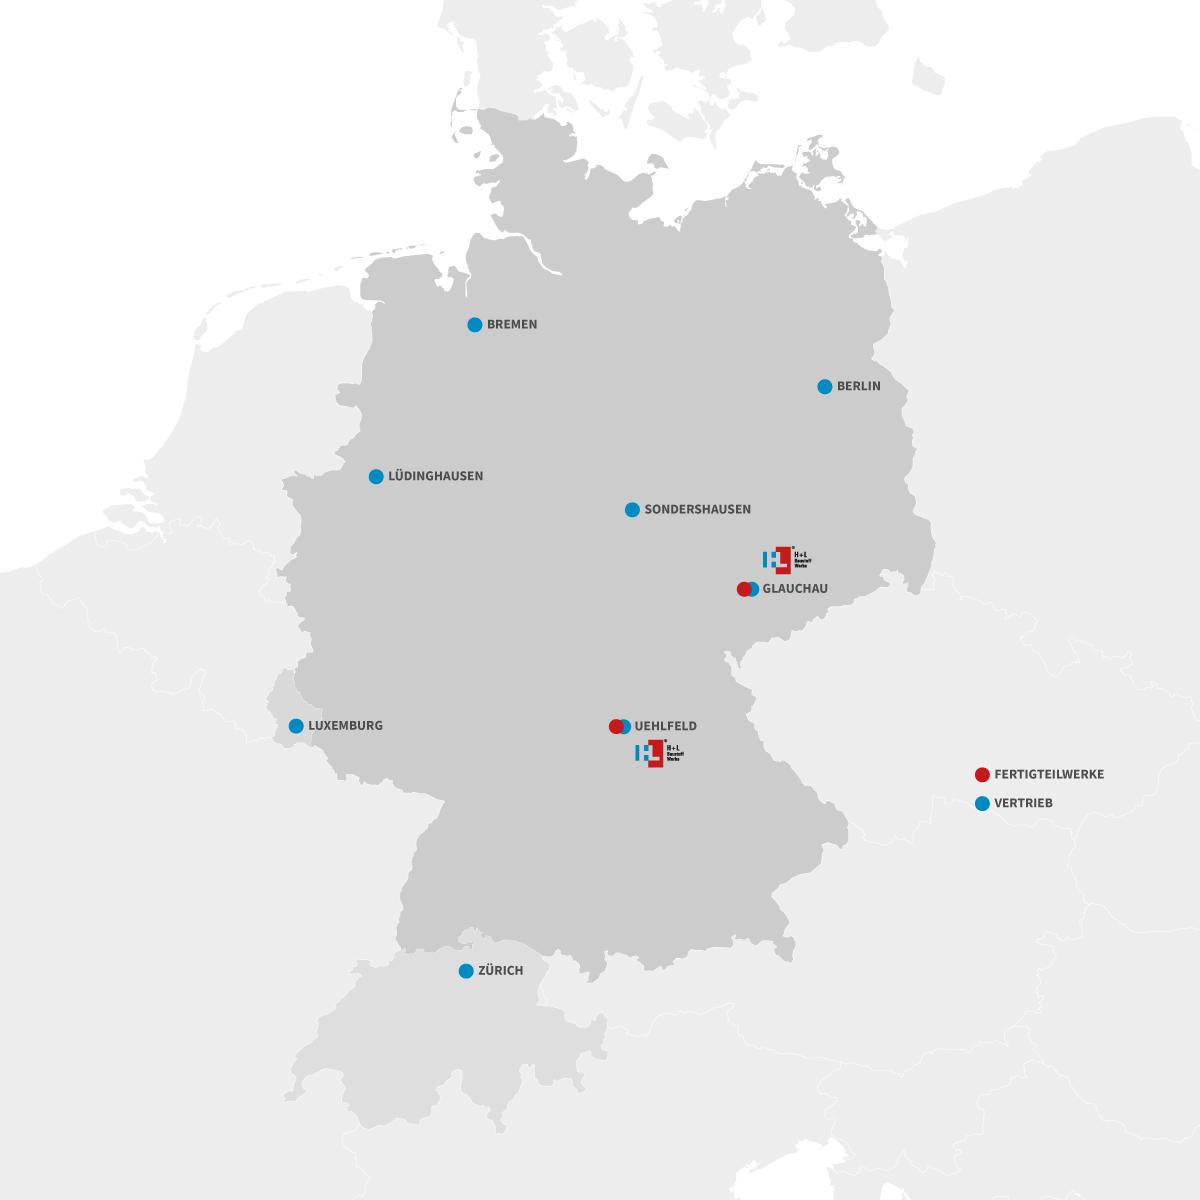 karte Vertriebsgebiete Deutschland, Luxemburg, Schweiz